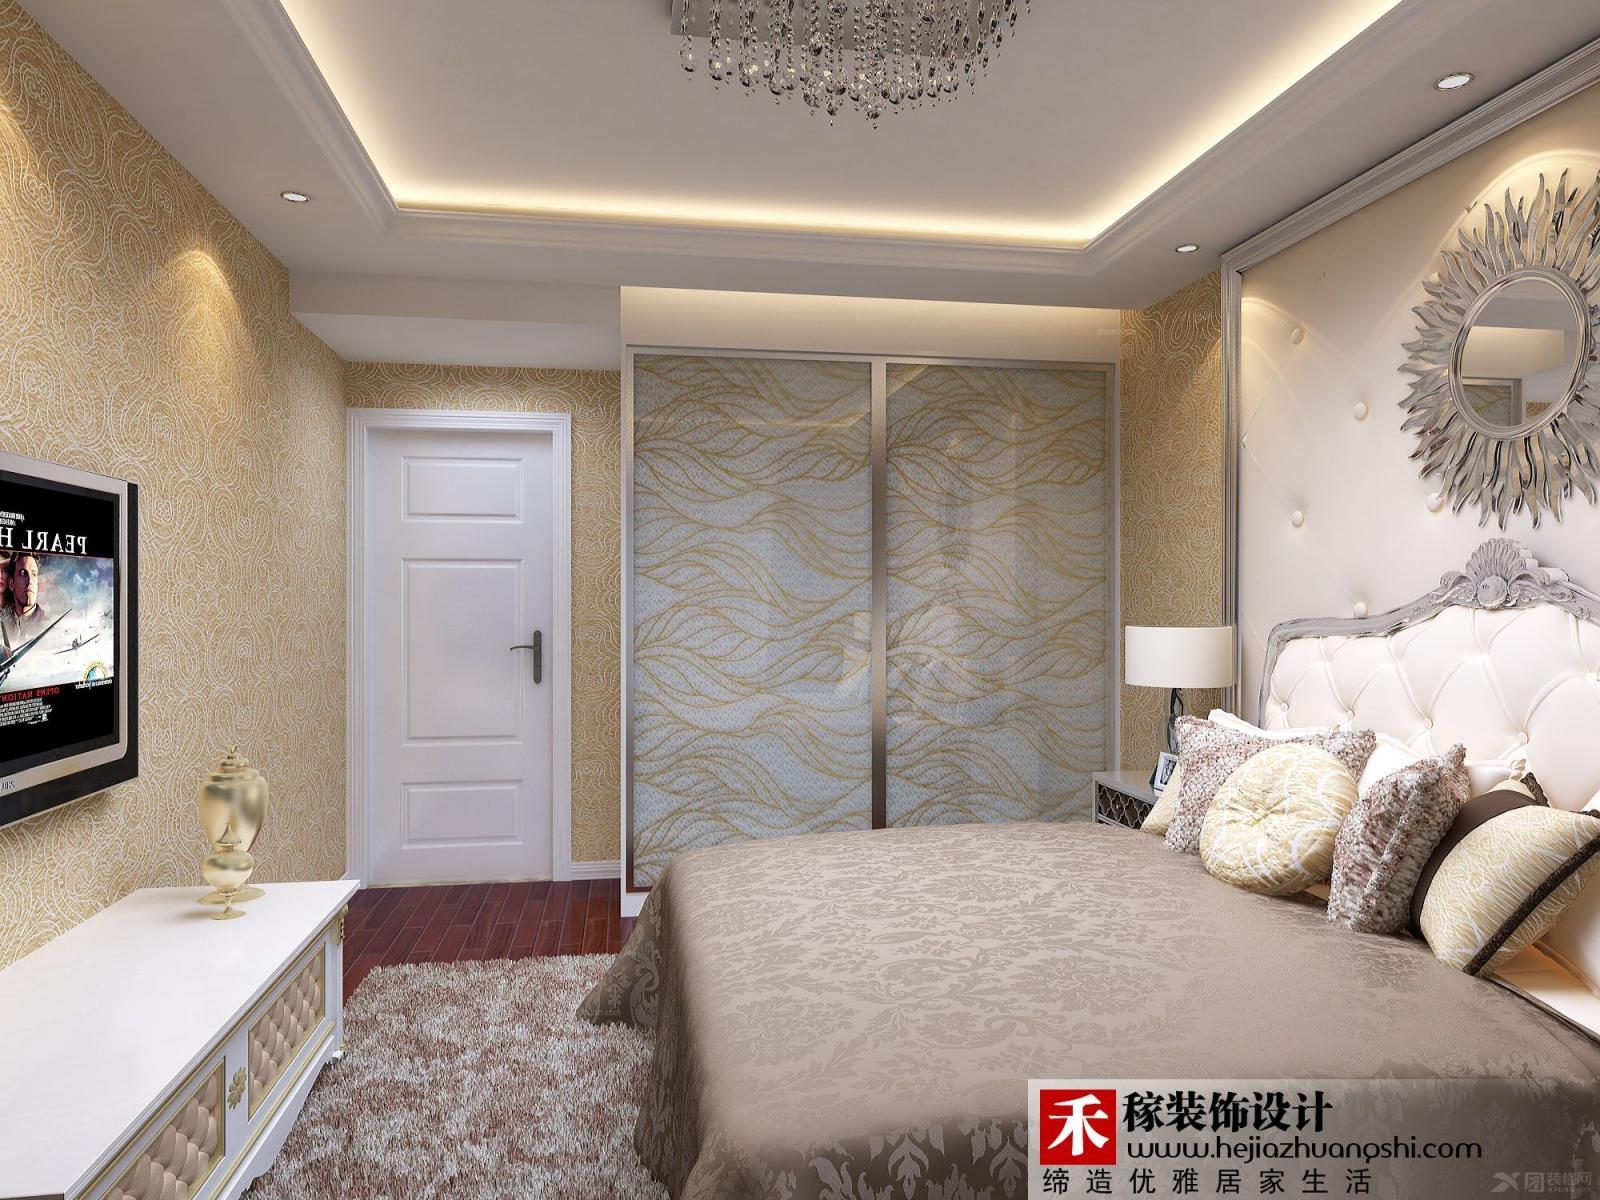 别墅欧式风格卧室卧室背景墙图片